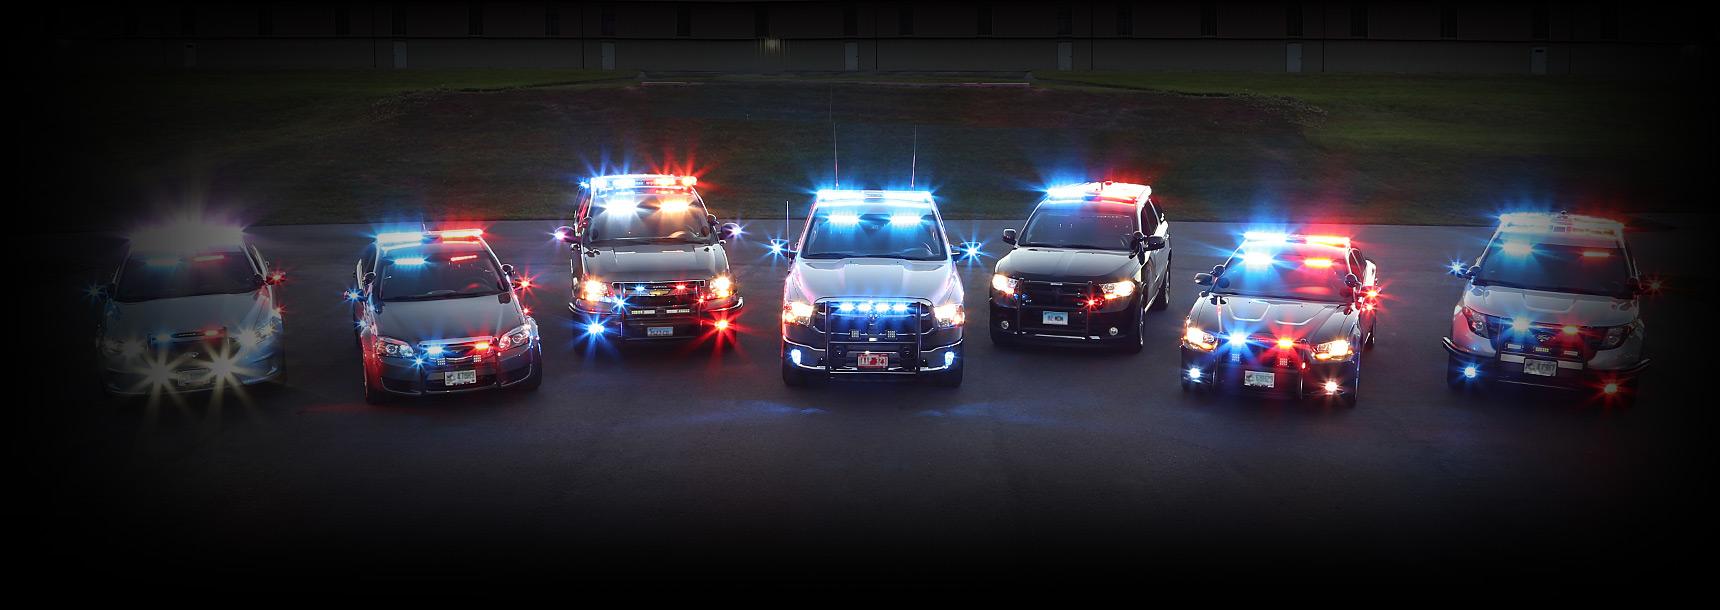 Police Lights Background Slide background 1720x610